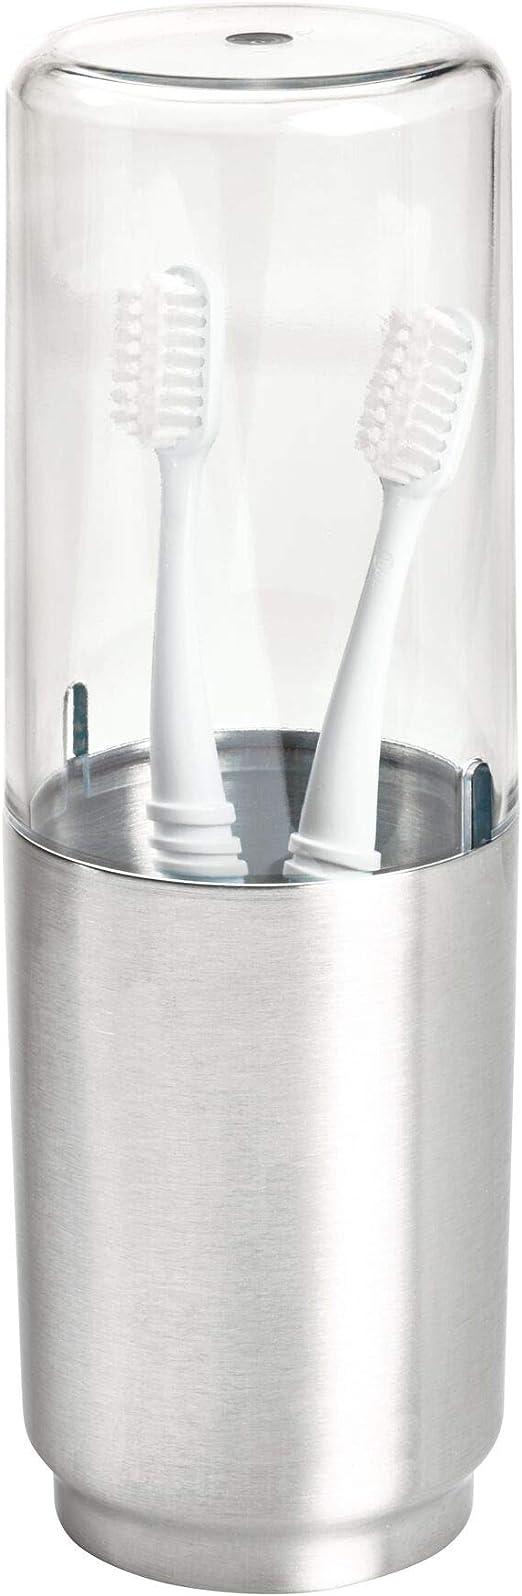 iDesign Austin Soporte para cepillos de dientes de plástico y ...